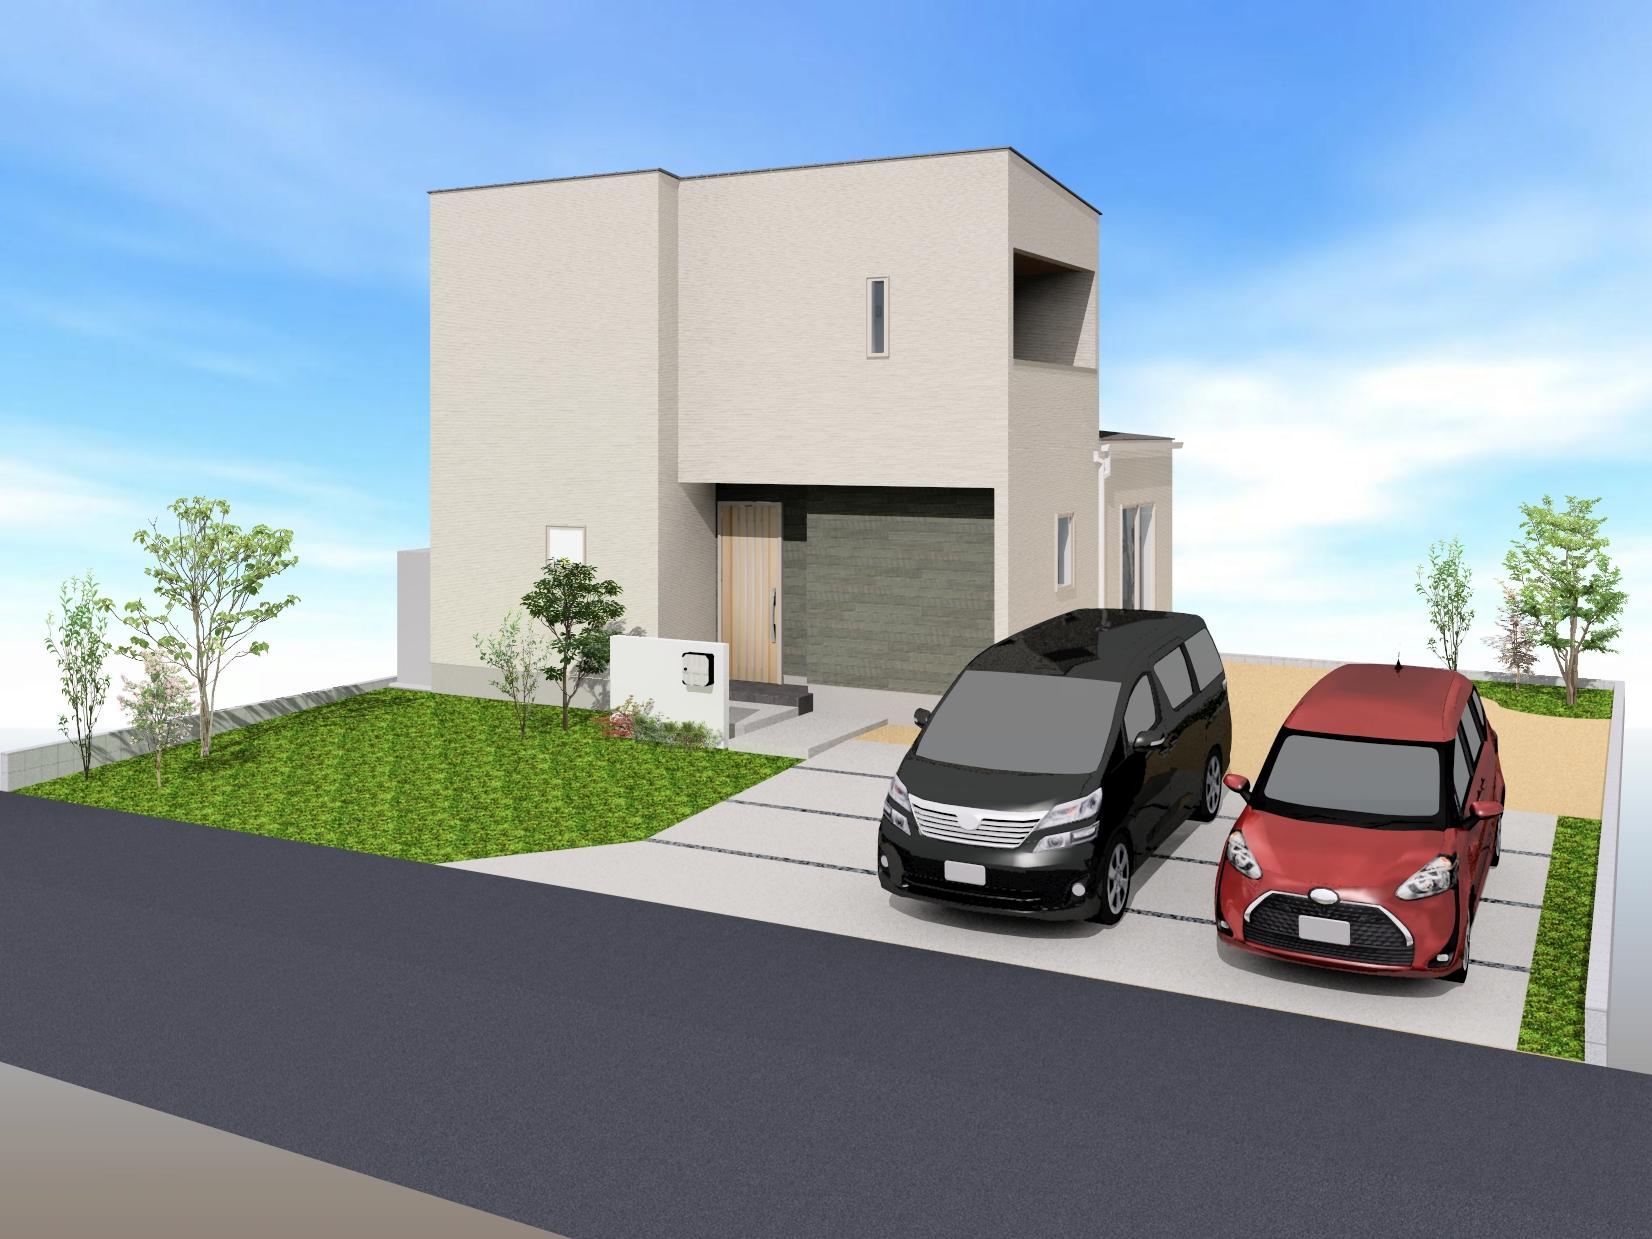 大村市新築建売住宅「OURS坂口1号地」